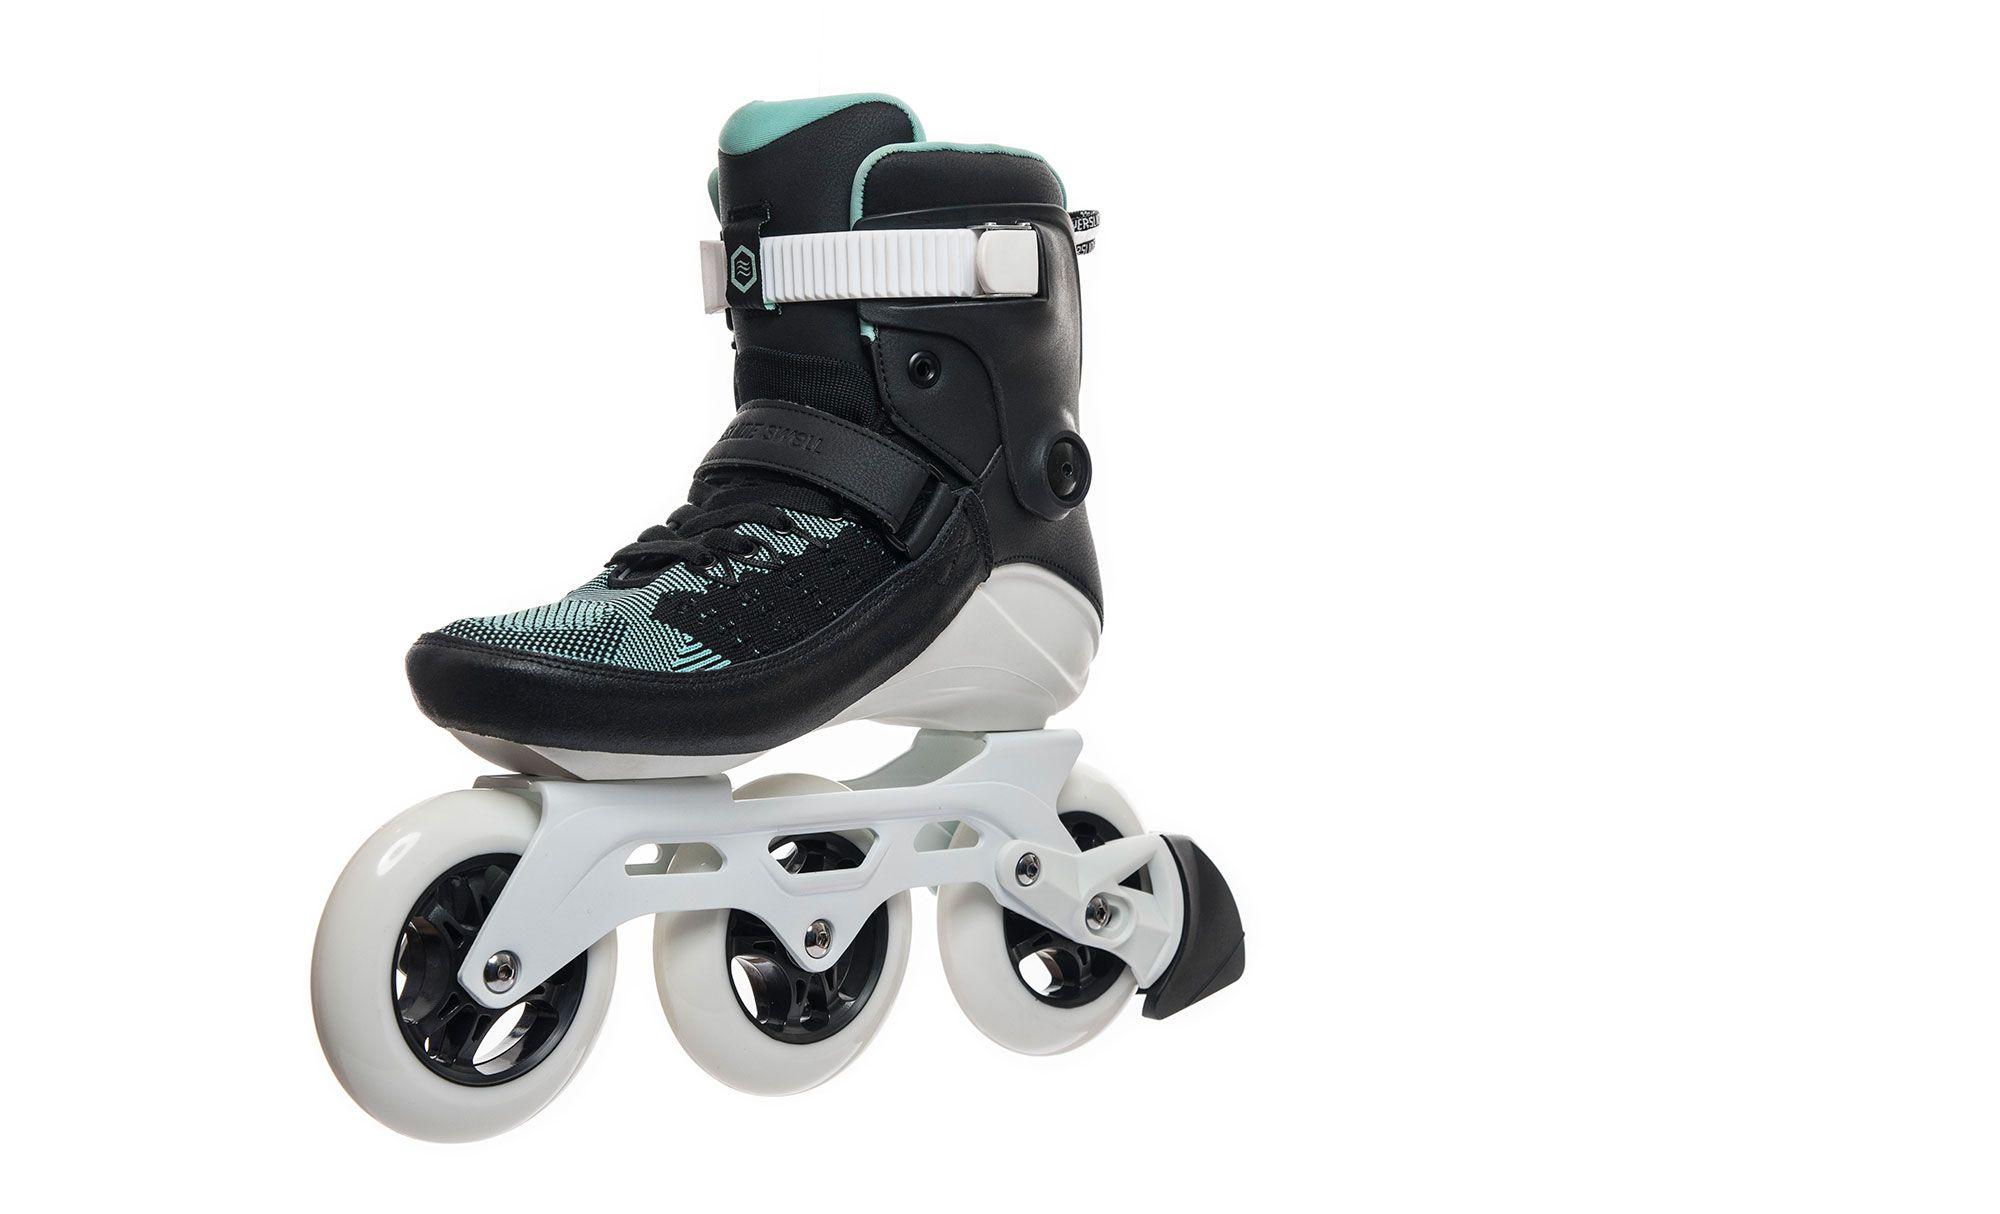 Powerslide Swell Fitness Inline Skates Inline Skating Inline Skate Skate